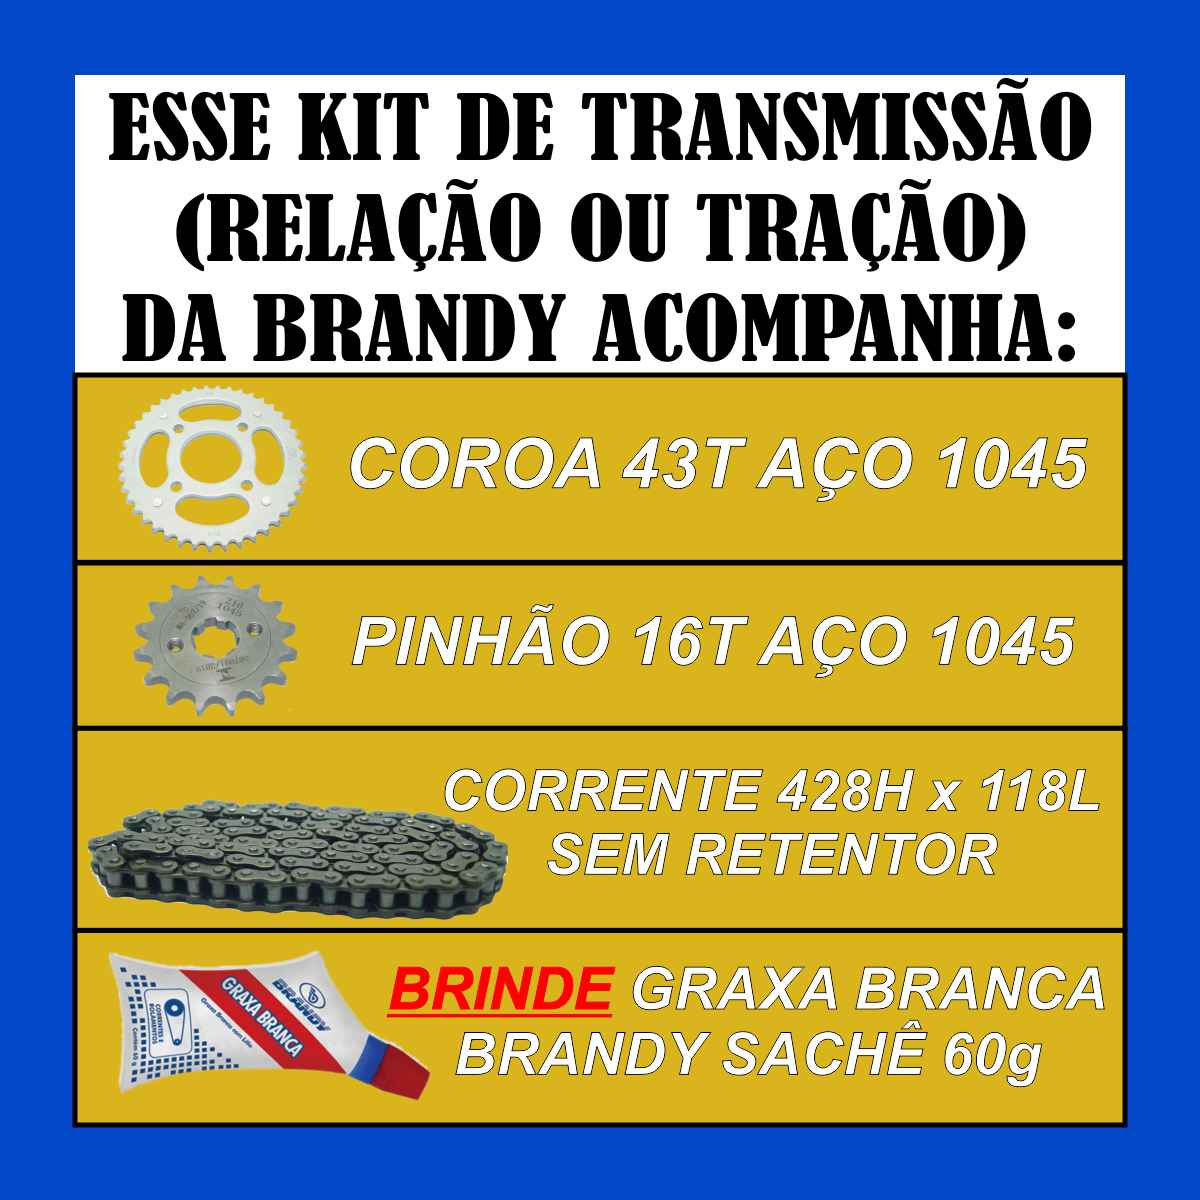 KIT DE TRANSMISSÃO RELAÇÃO MOTO CG TITAN FAN CARGO START 150 DE TRAÇÃO AÇO 1045 + GRAXA SACHÊ 60g